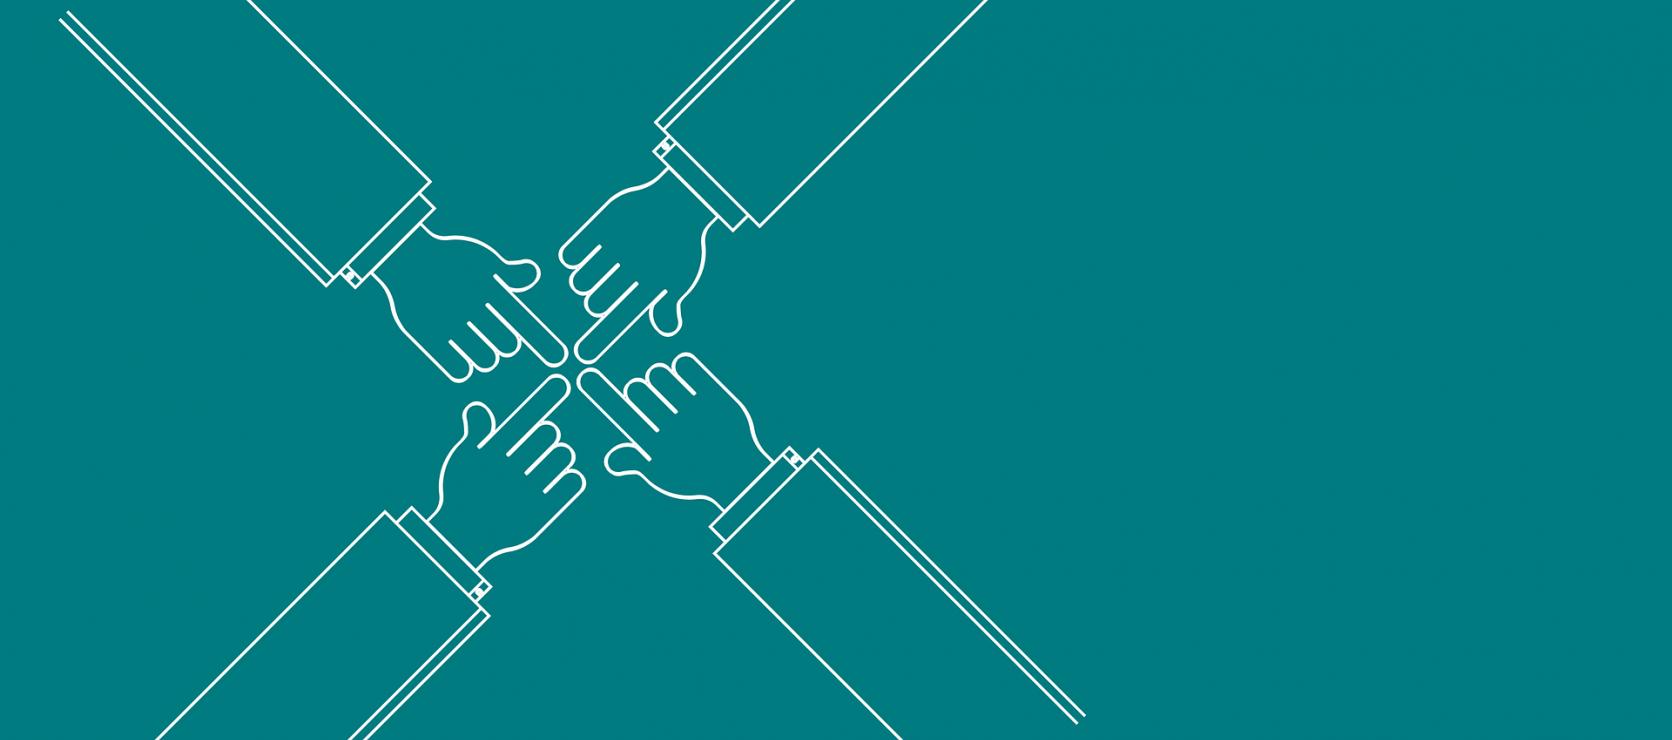 Zusammenarbeit © pixabay, geralt